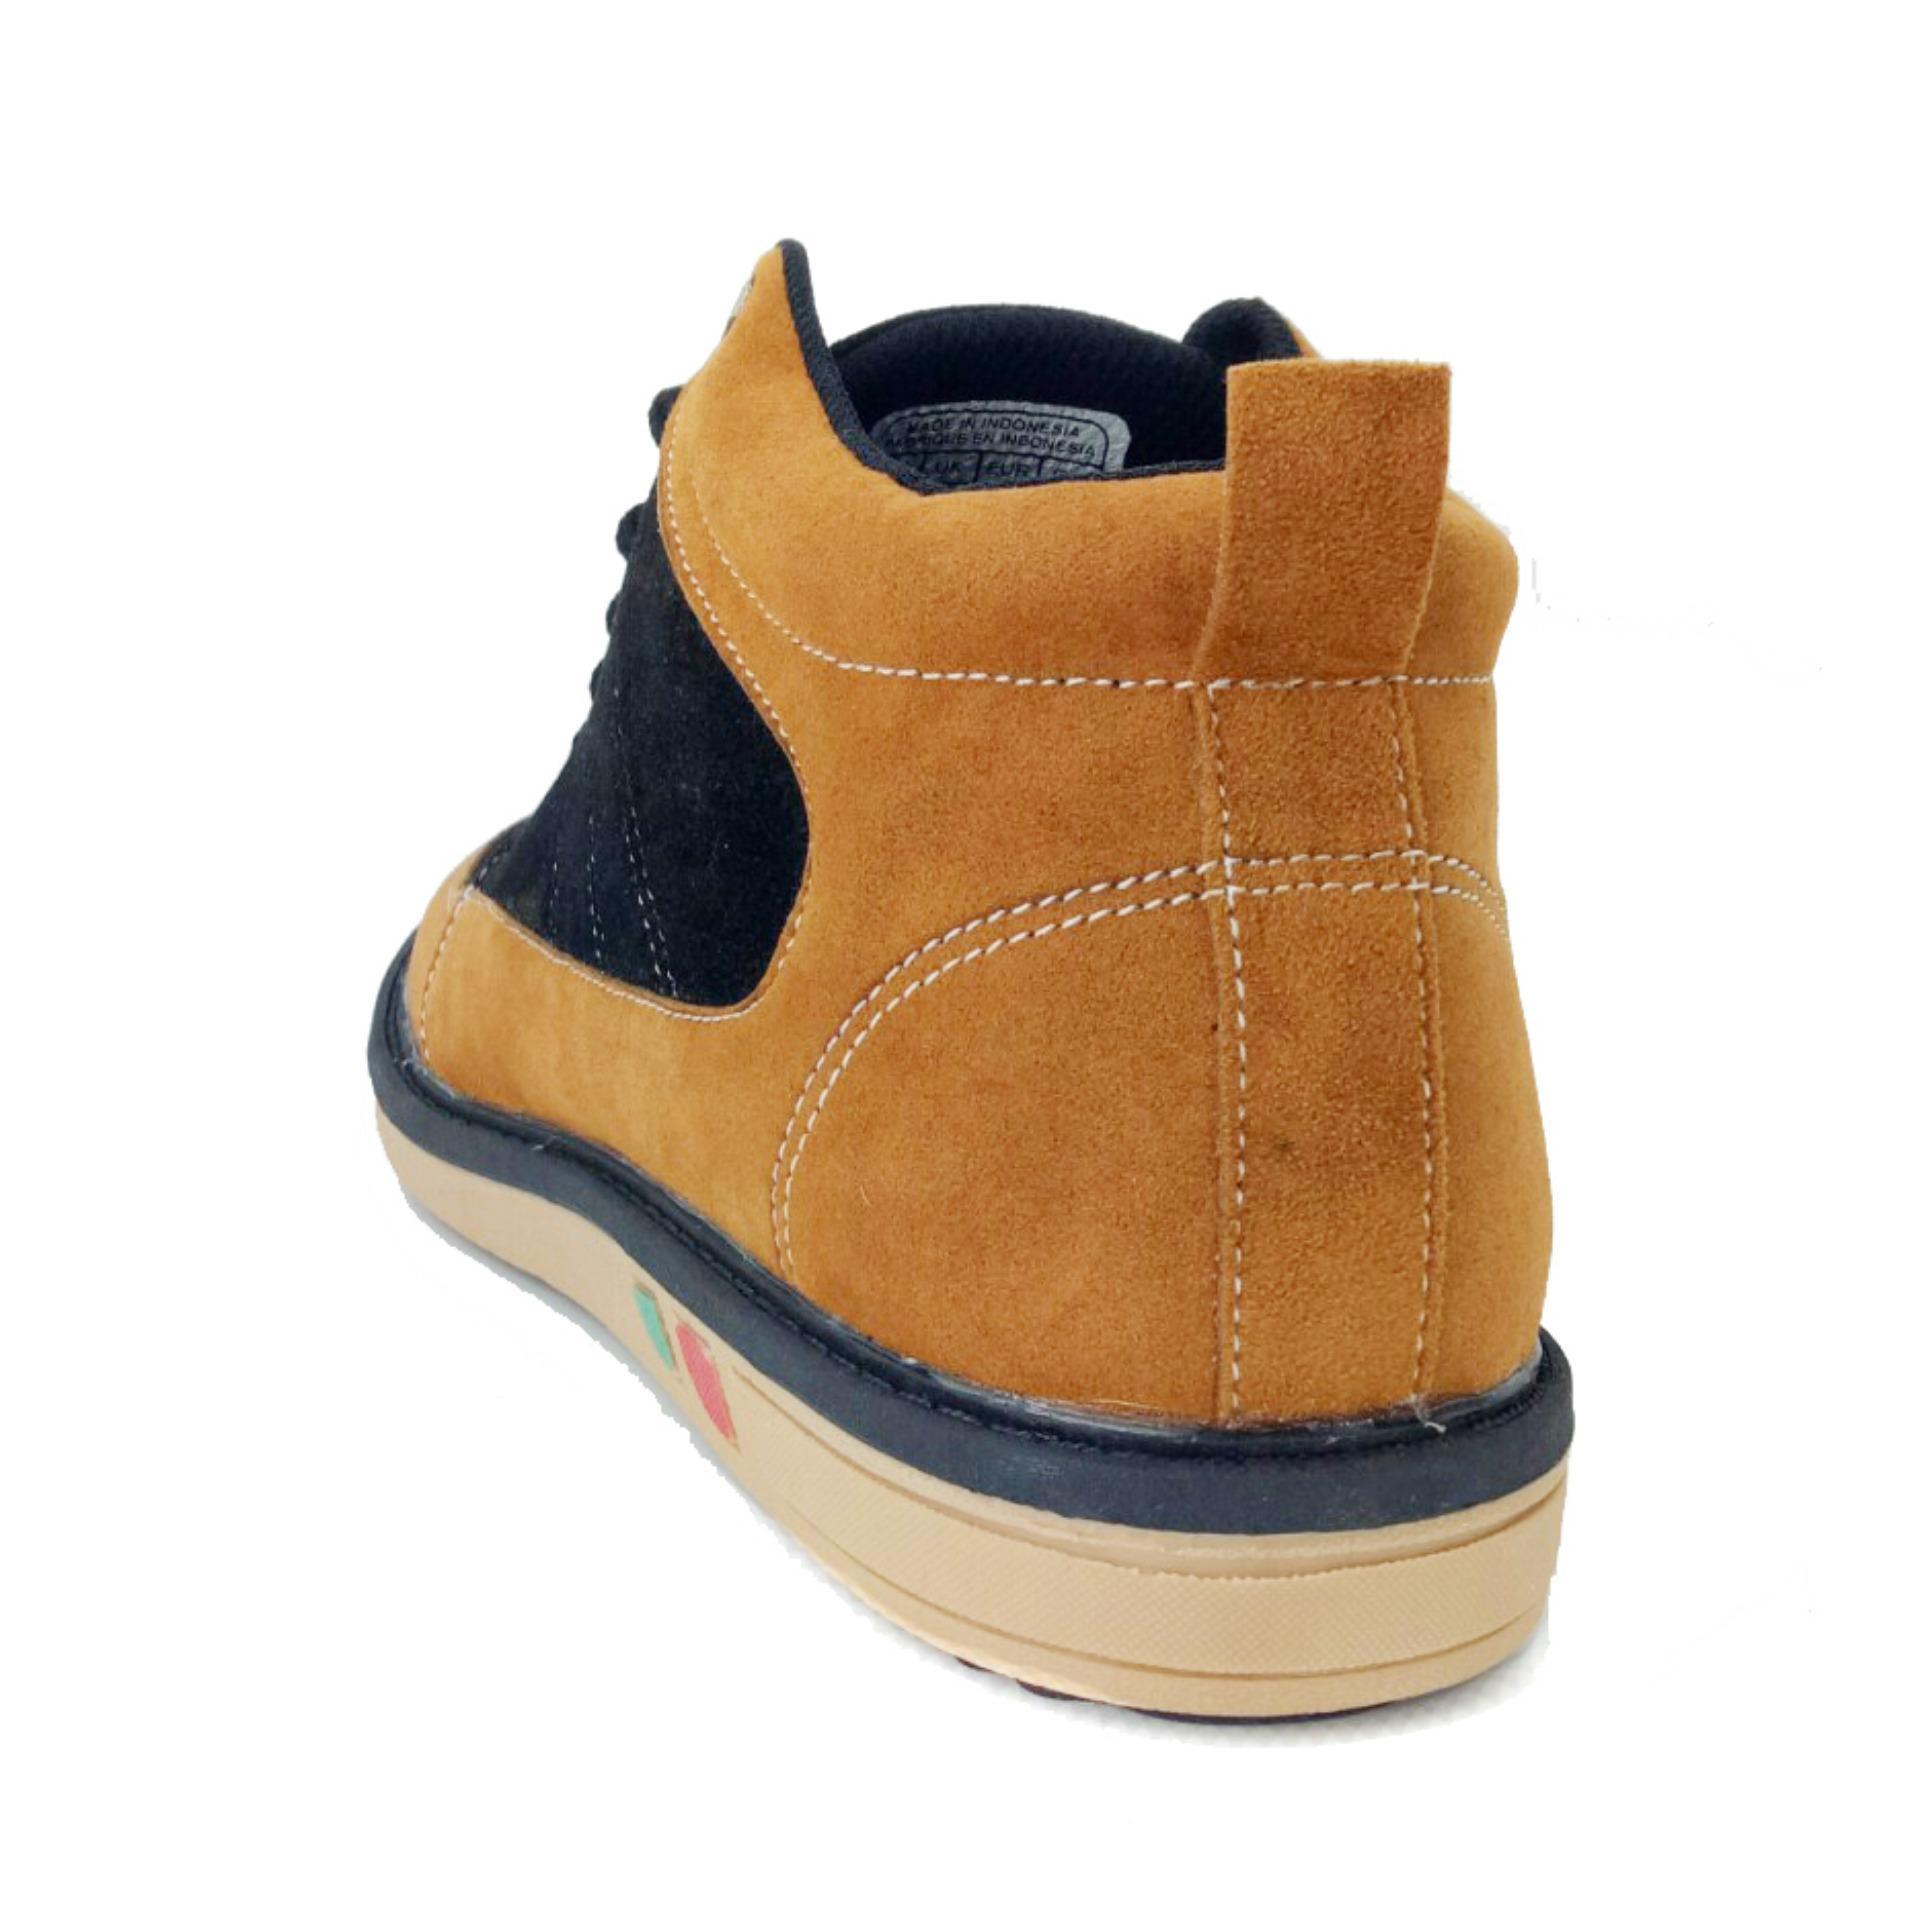 ... Garsel GUD 1040 Sepatu Sneaker Pria - Synth - Keren (Hitam-Coklat) ...